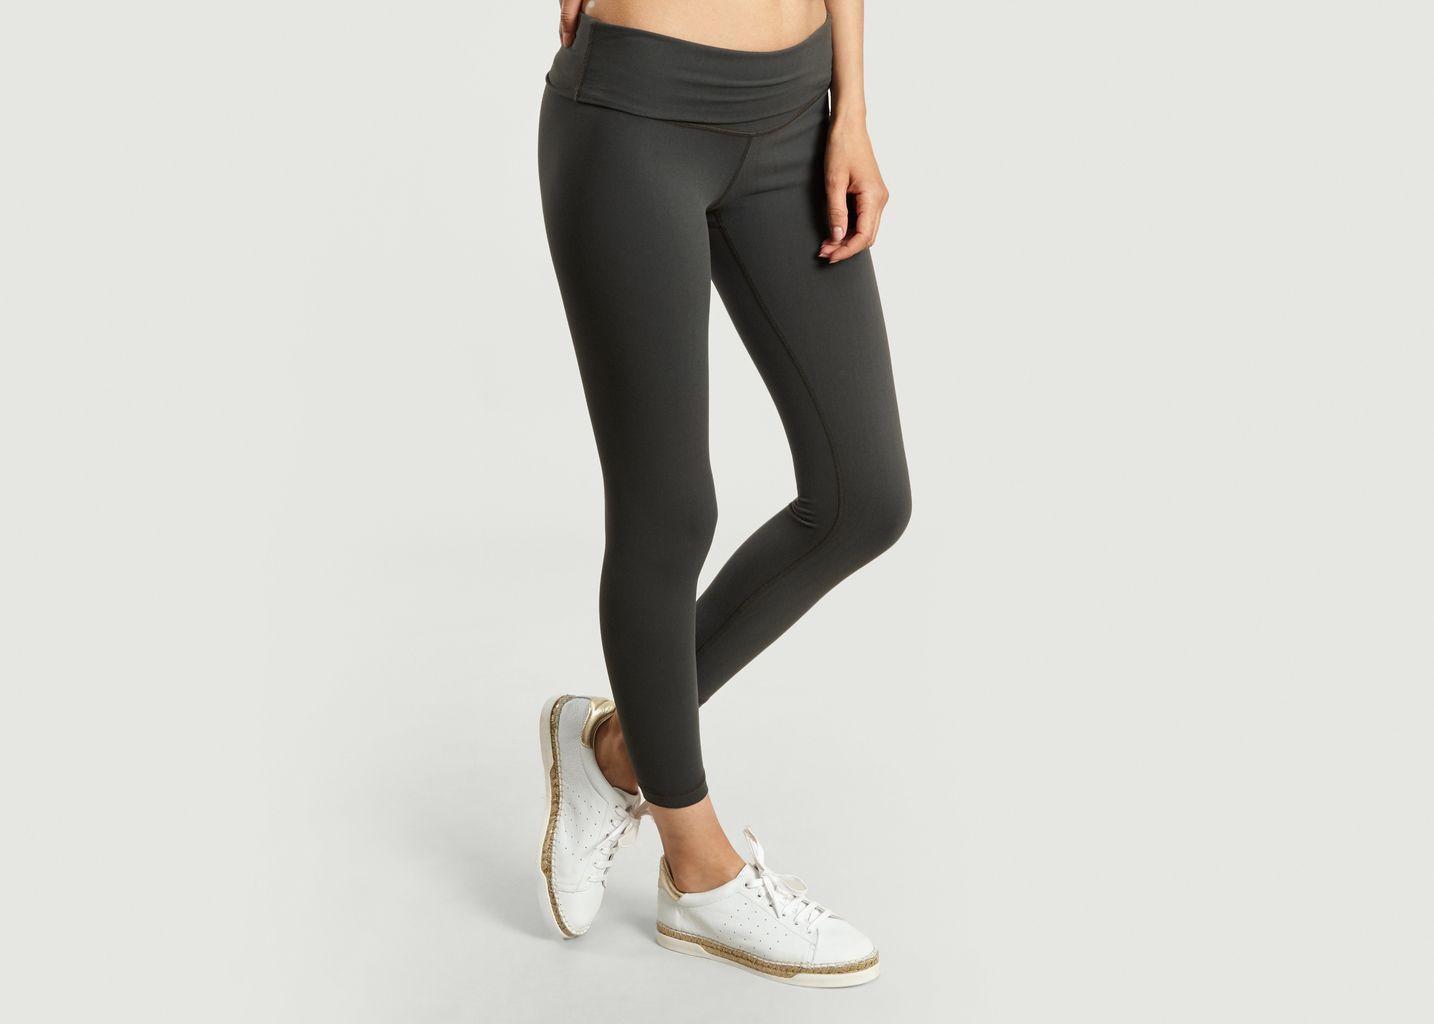 Legging Let's Yoge - Ana Heart